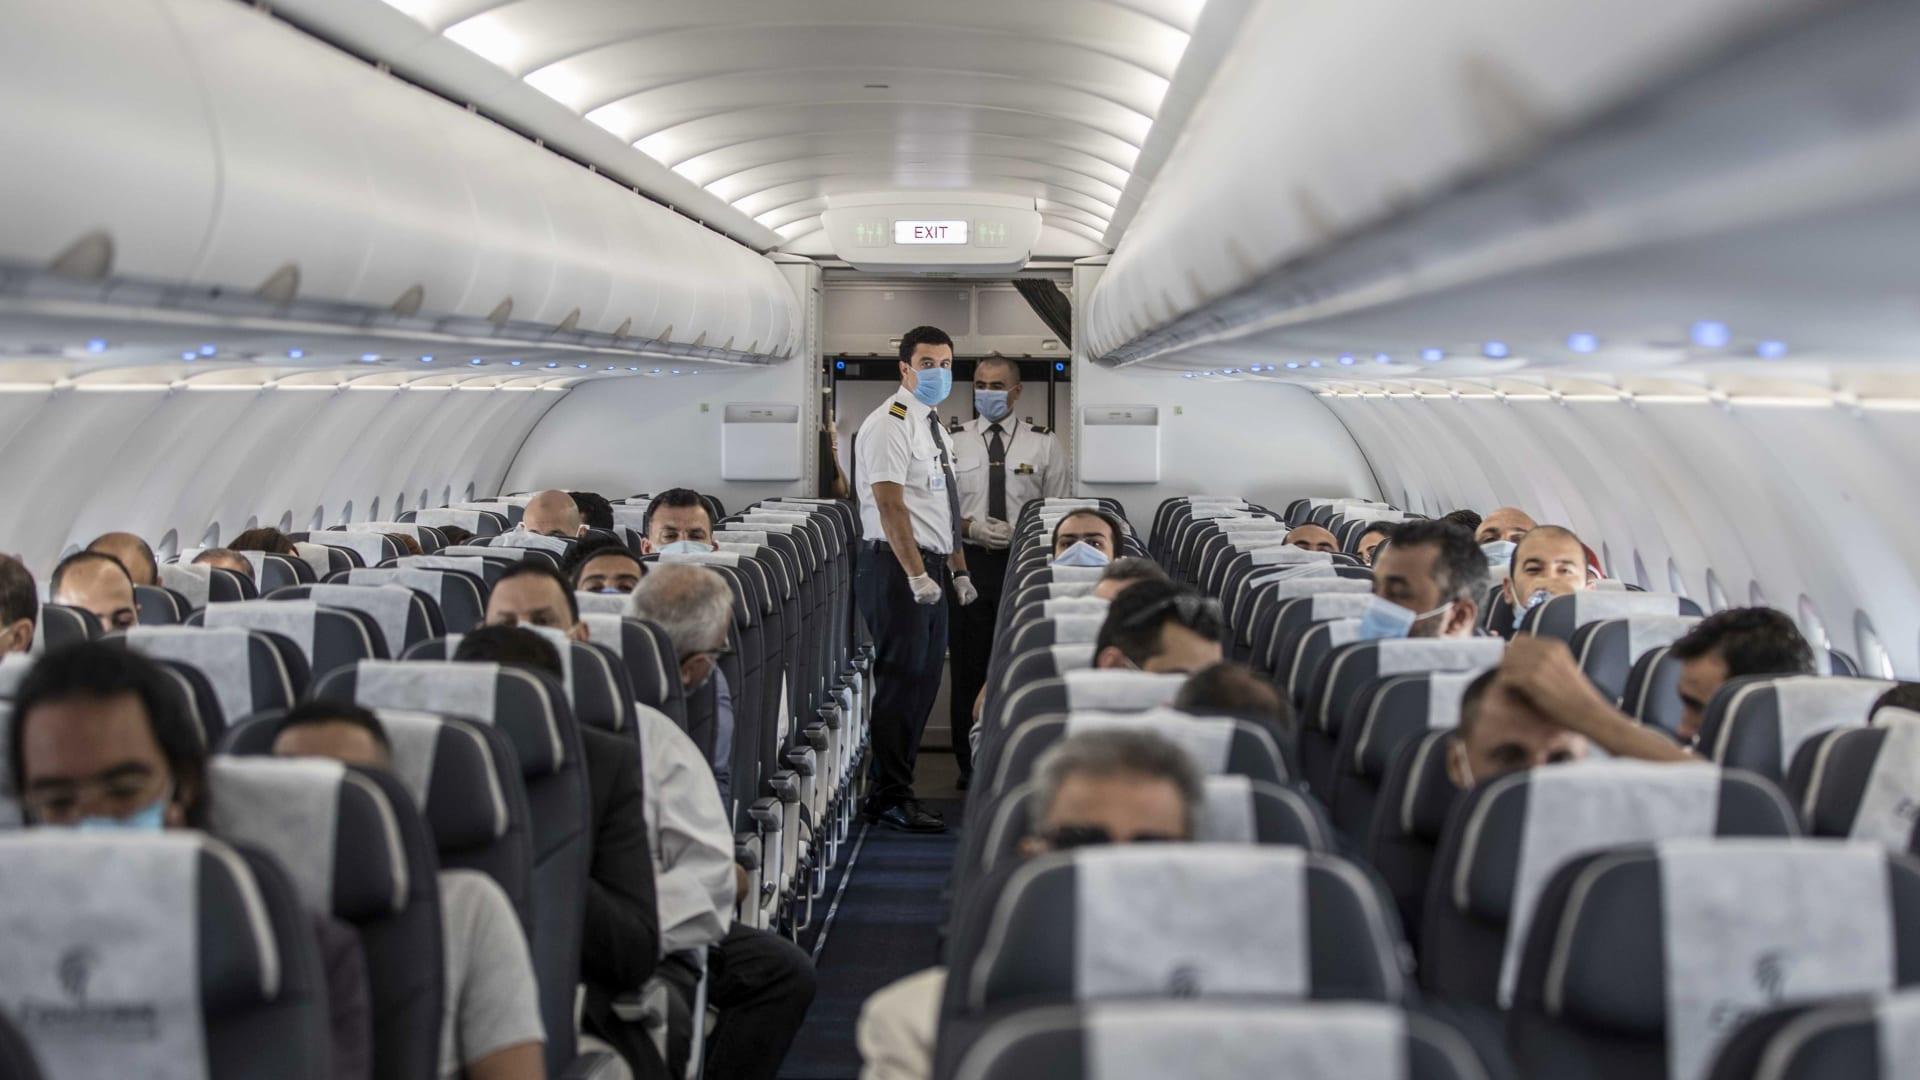 شاهد.. وداع مؤثر من مضيفي طيران في آخر رحلة لهم